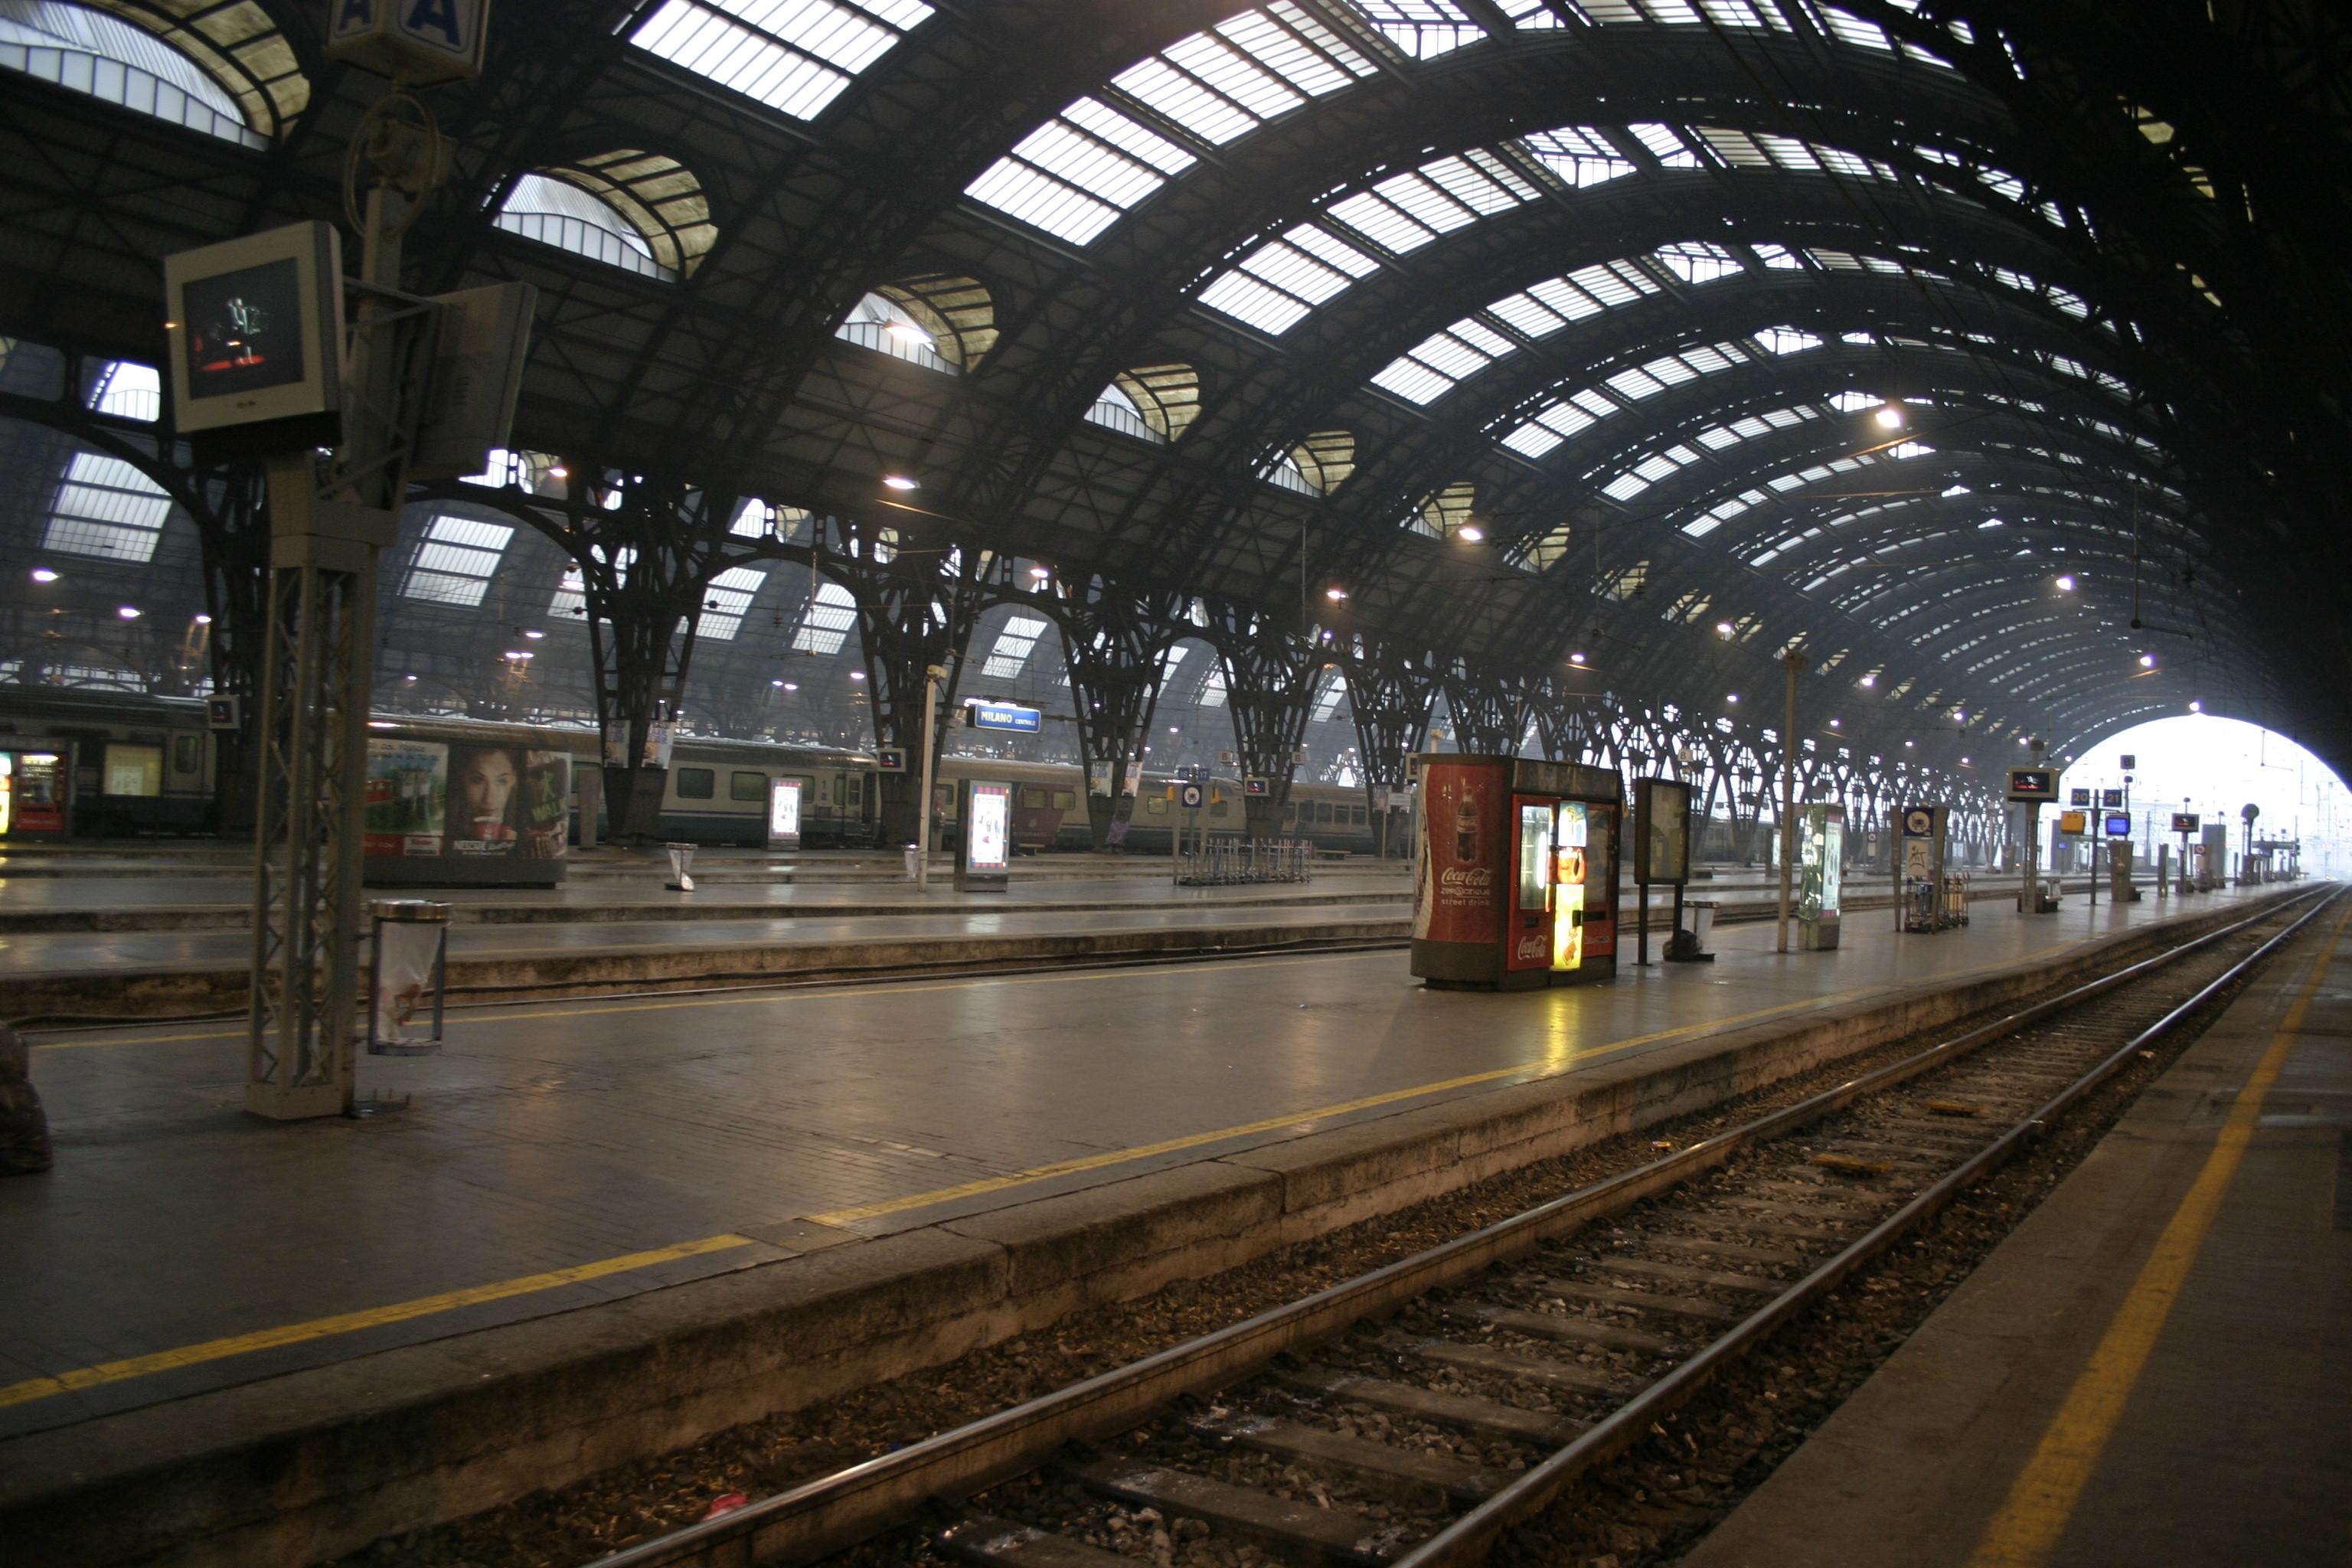 IMG_3037_Binari_Stazione_centrale_di_Milano_-_Foto_Giovanni_Dall%27Orto_1-1-2007.jpg